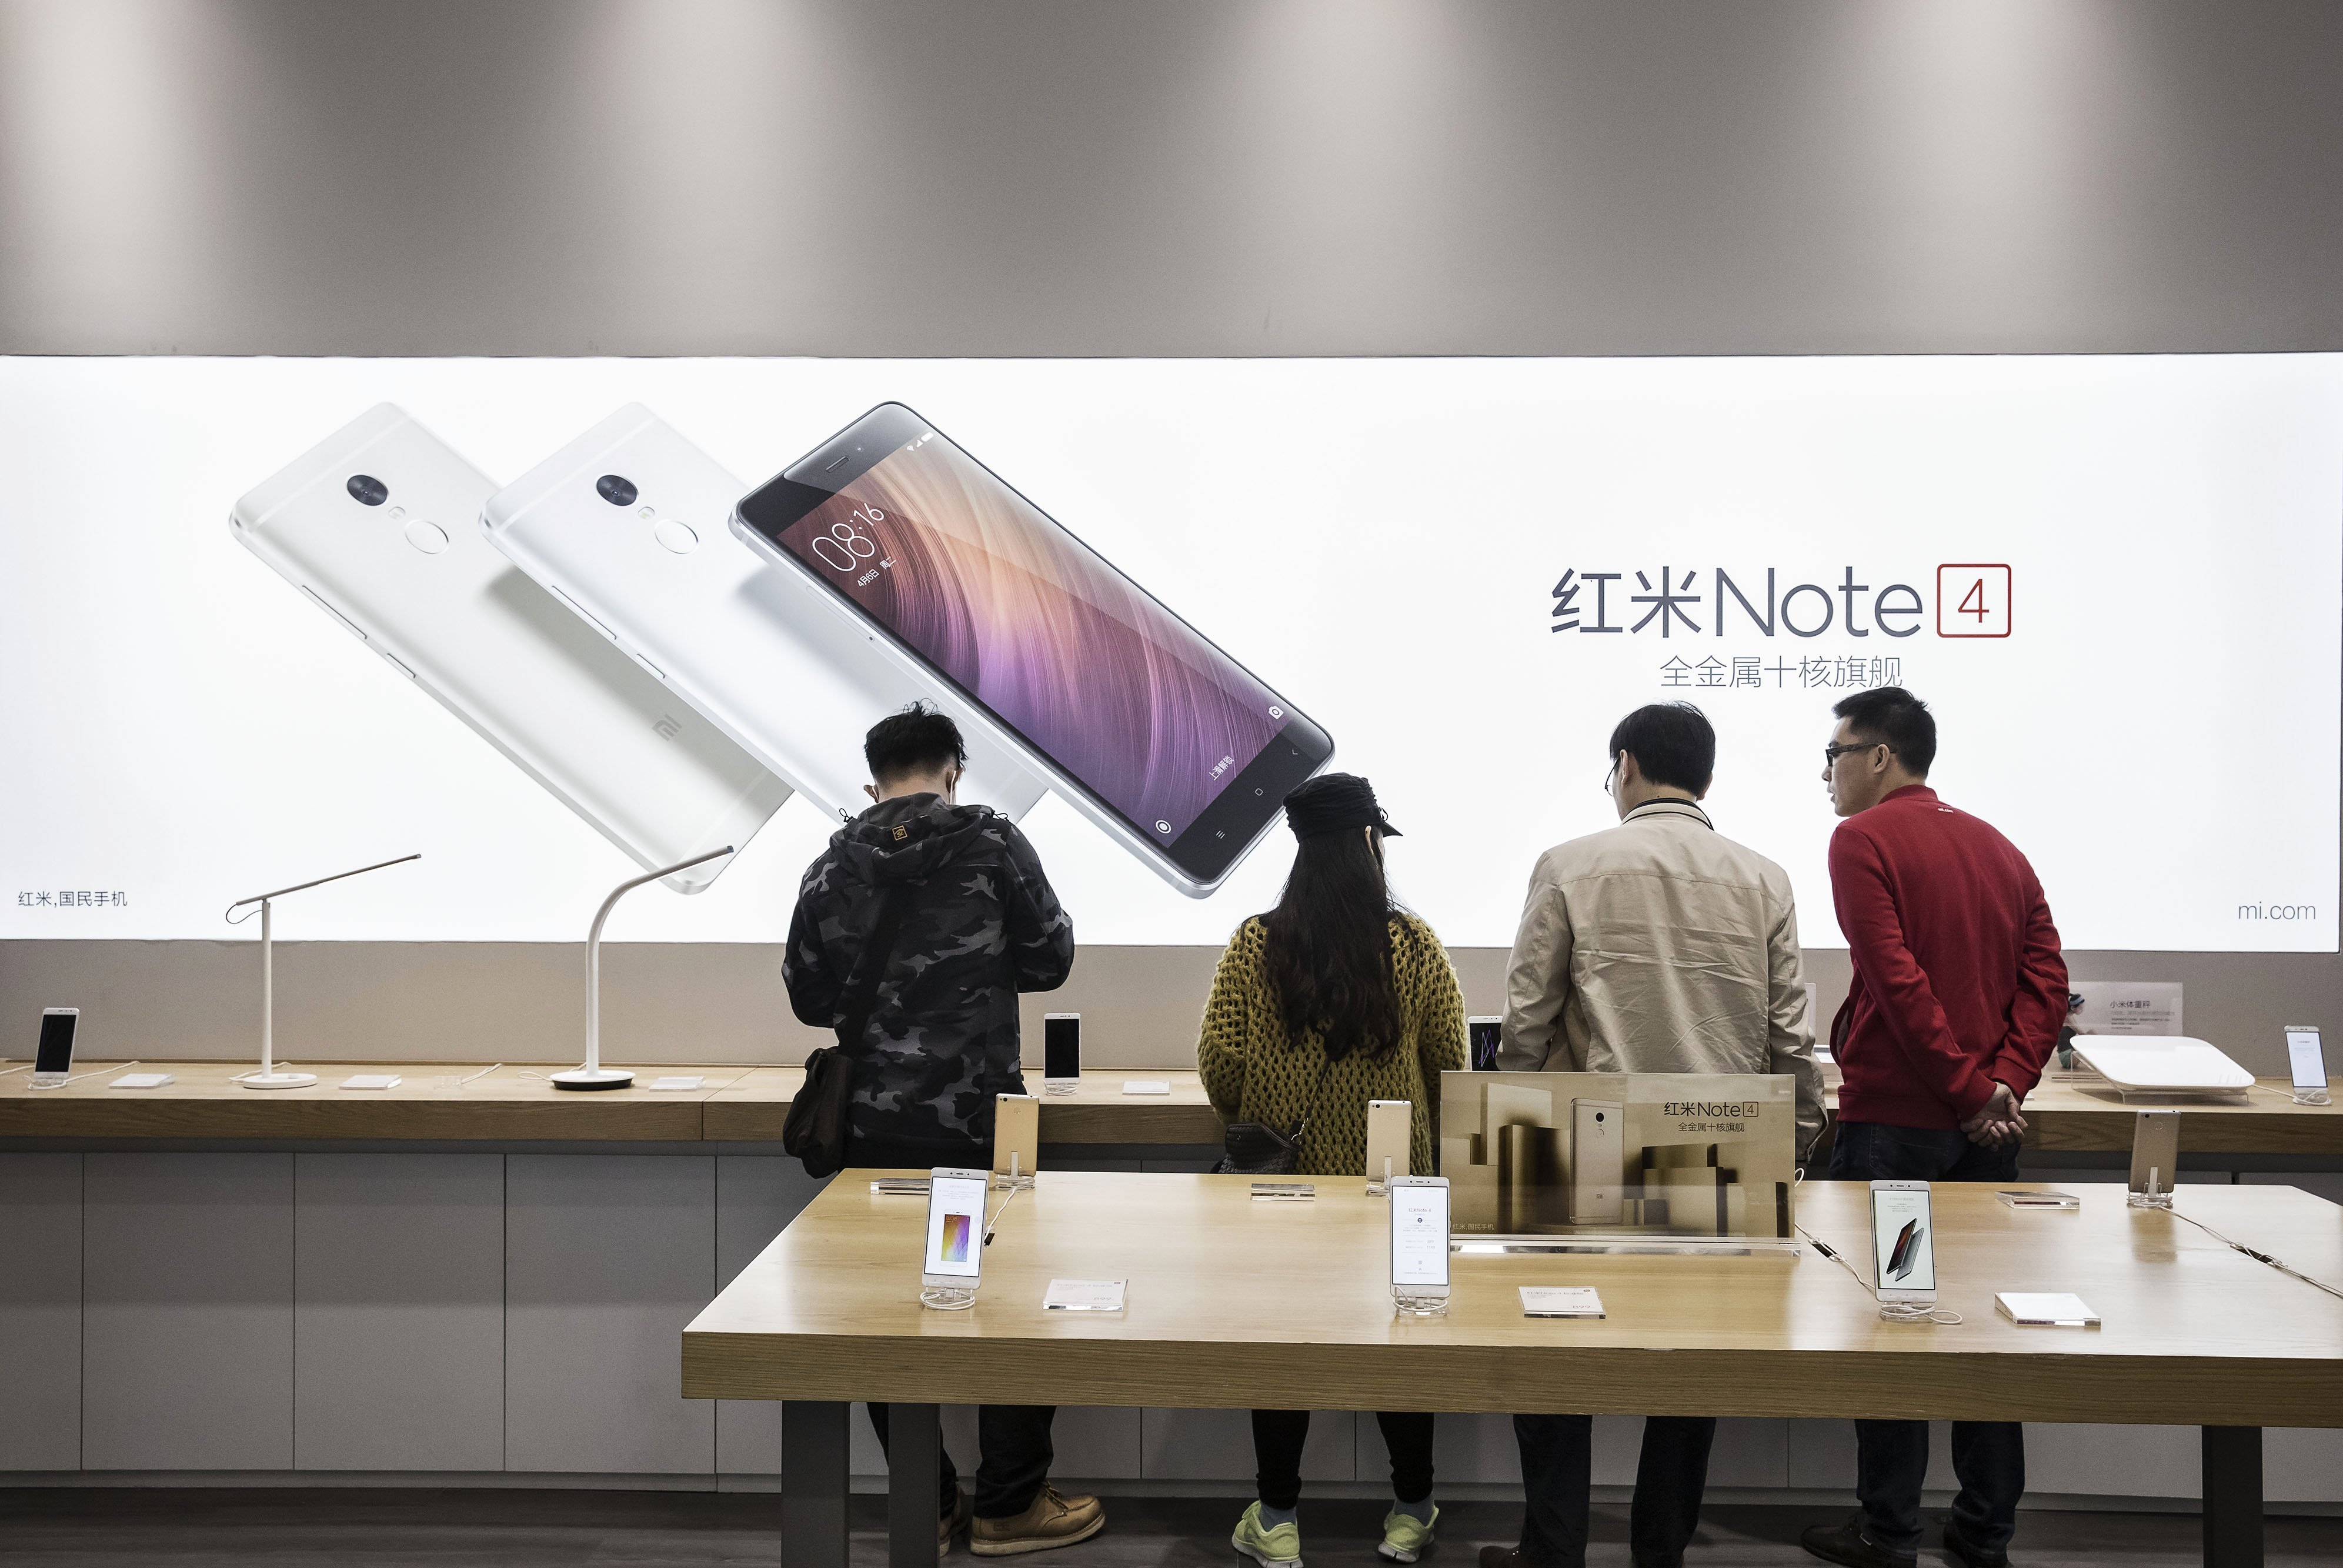 smartphone, cpu, xiaomi, pinecone soc